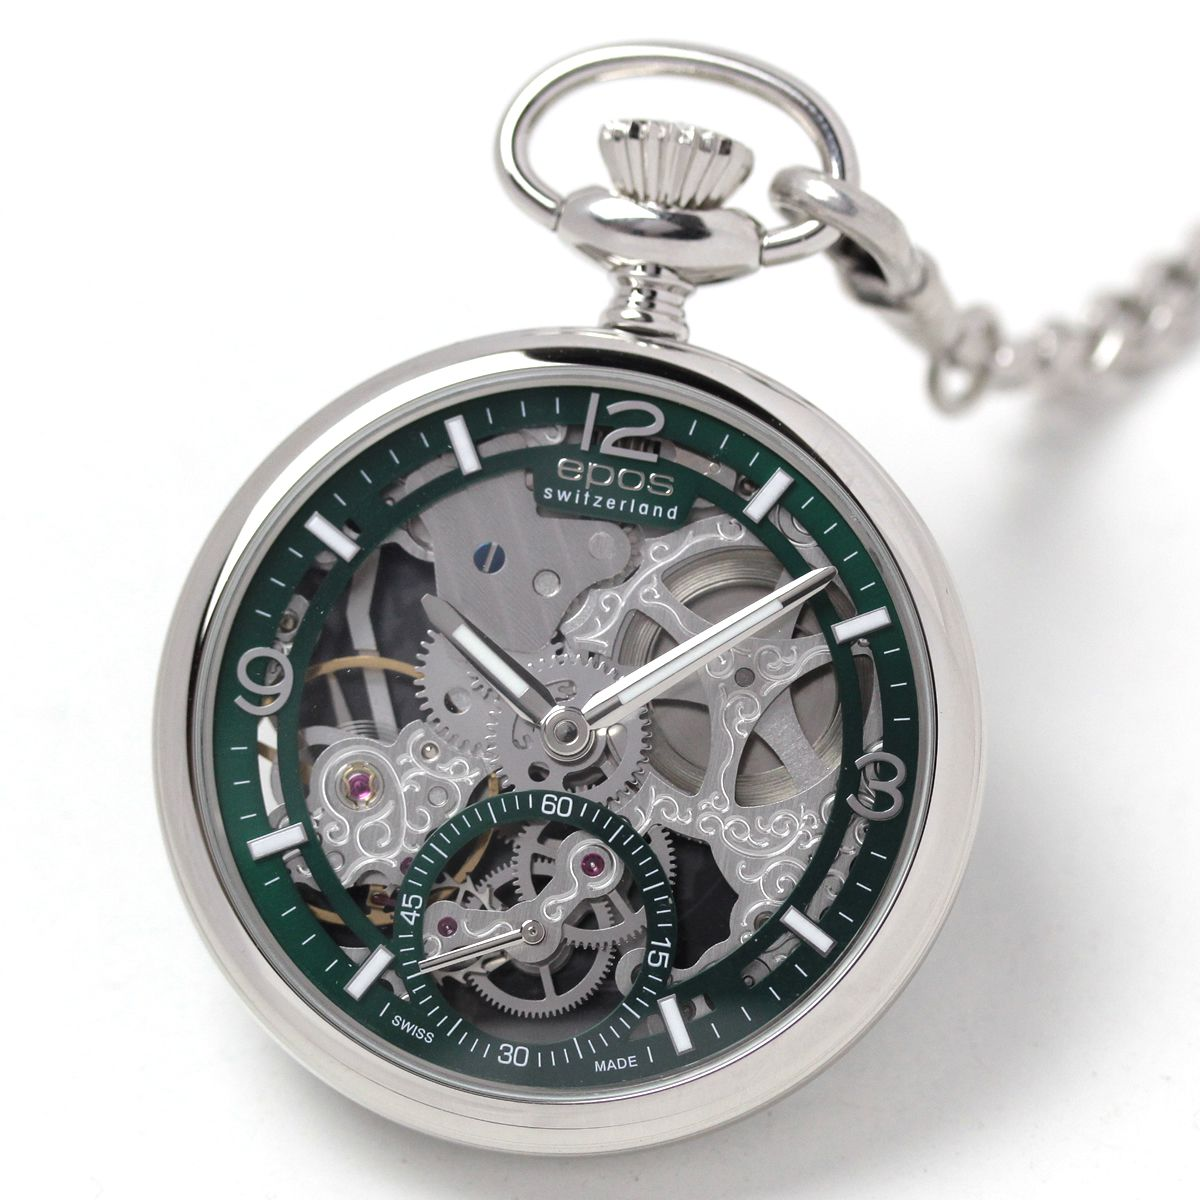 エポス 懐中時計 2003agr